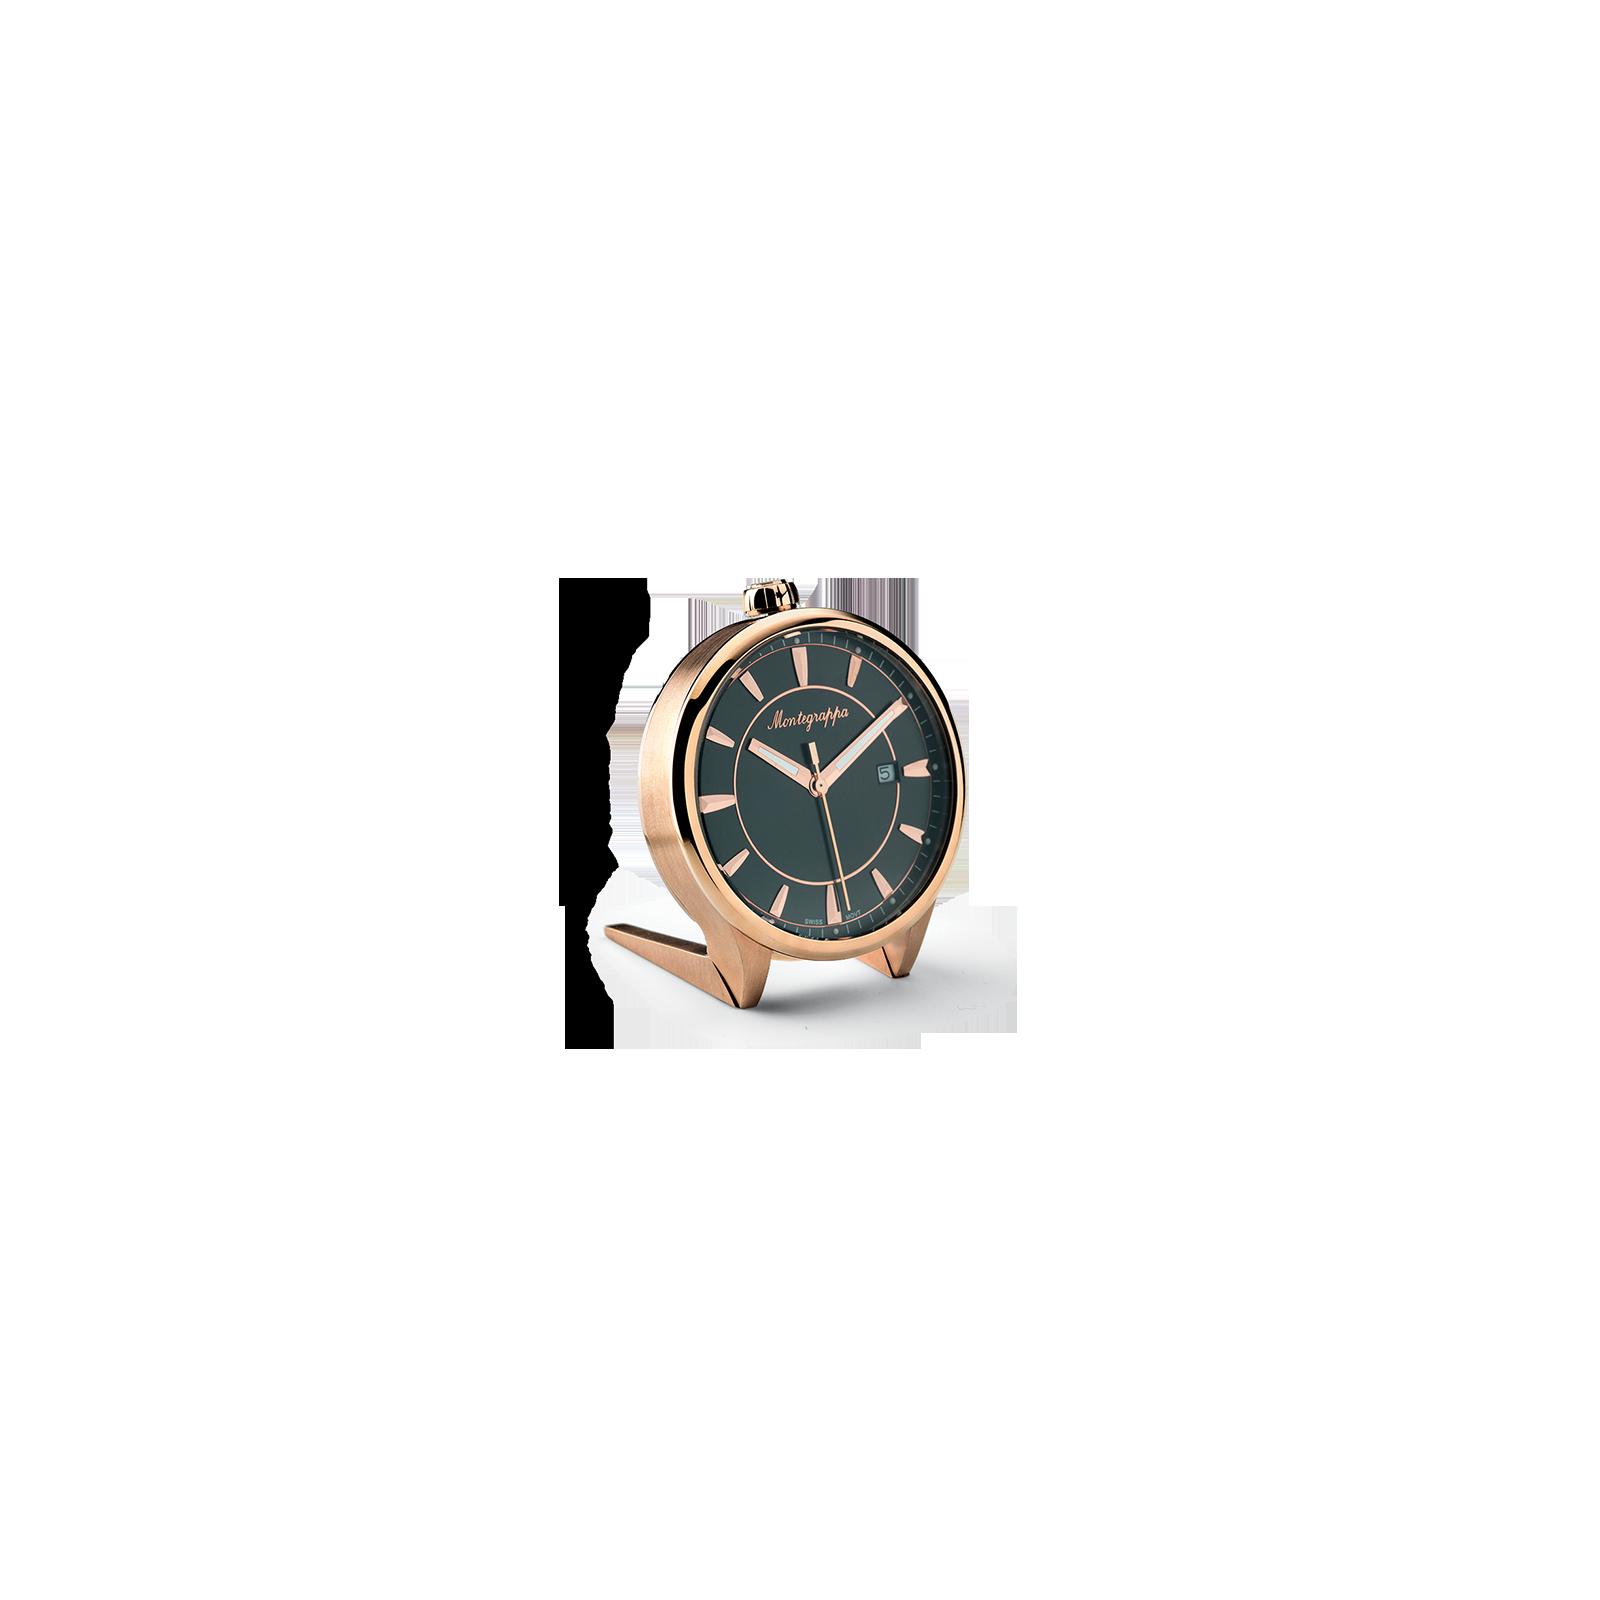 a61ec001716 Reloj Fortuna Table Clock 40mm IDFOTCRB